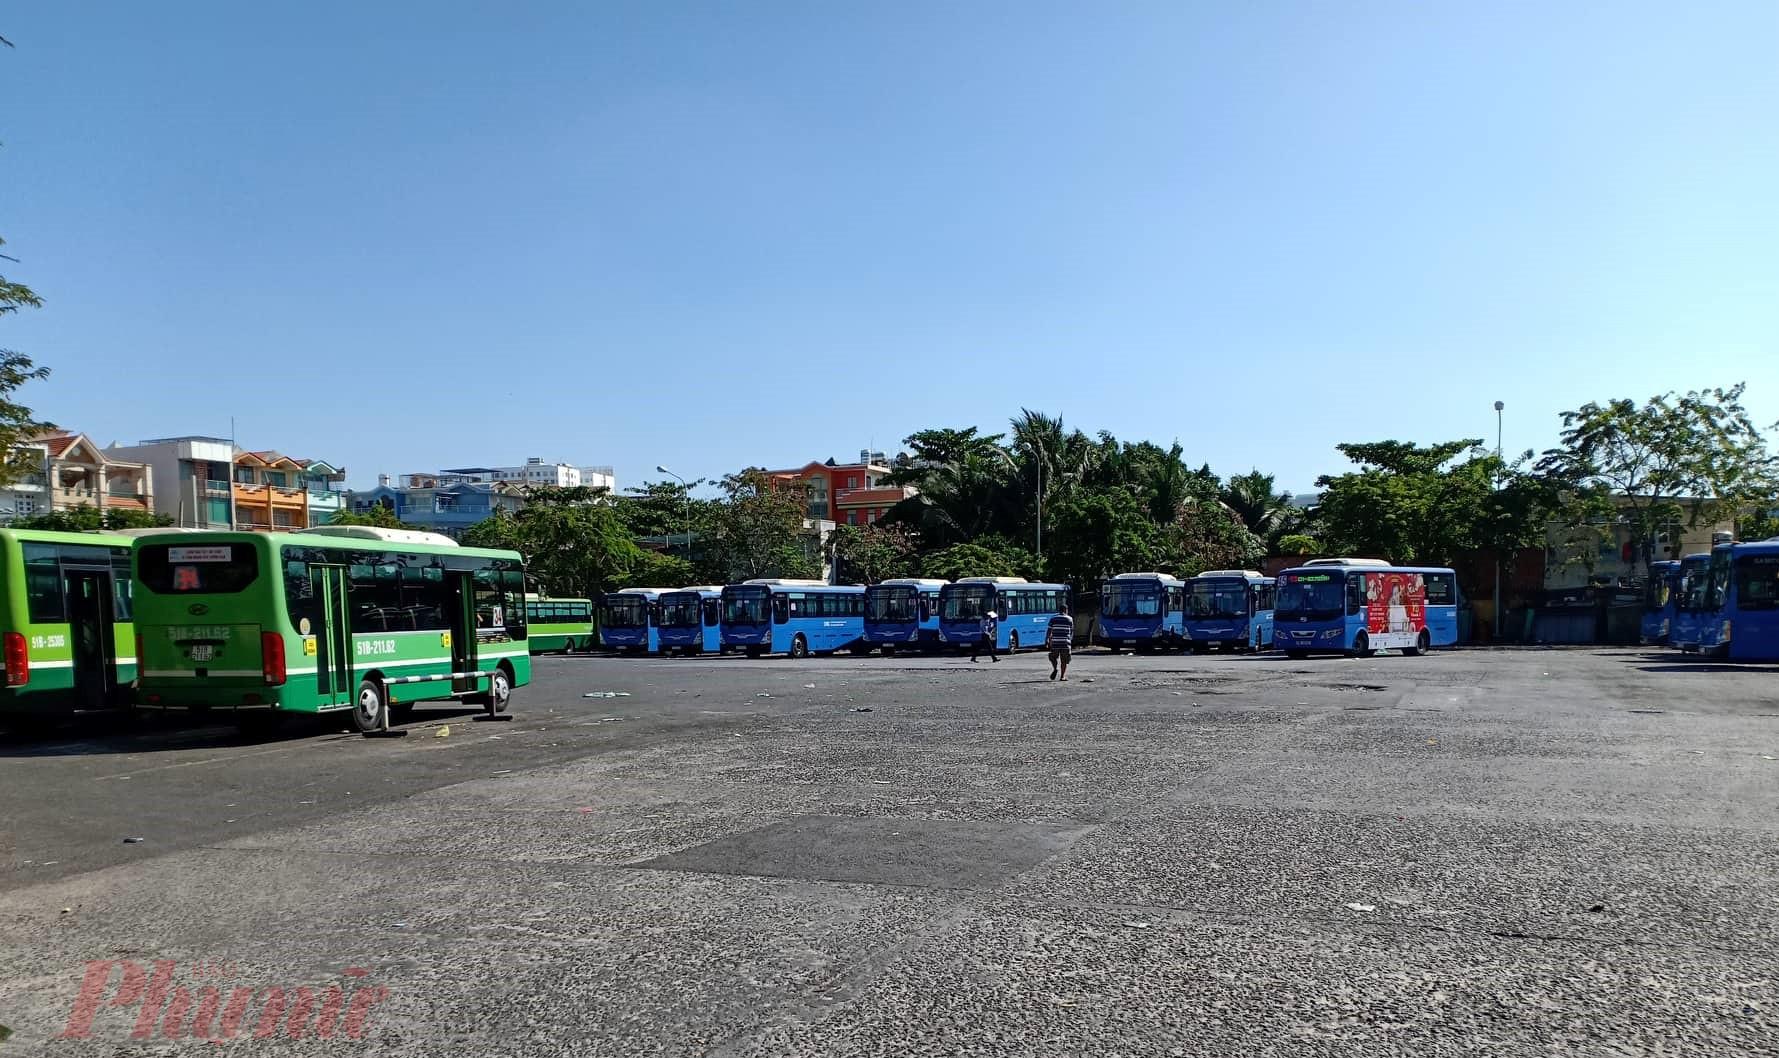 Bến xe buýt quận 8 vắng hoe do ảnh hưởng của dịch viêm phổi corona